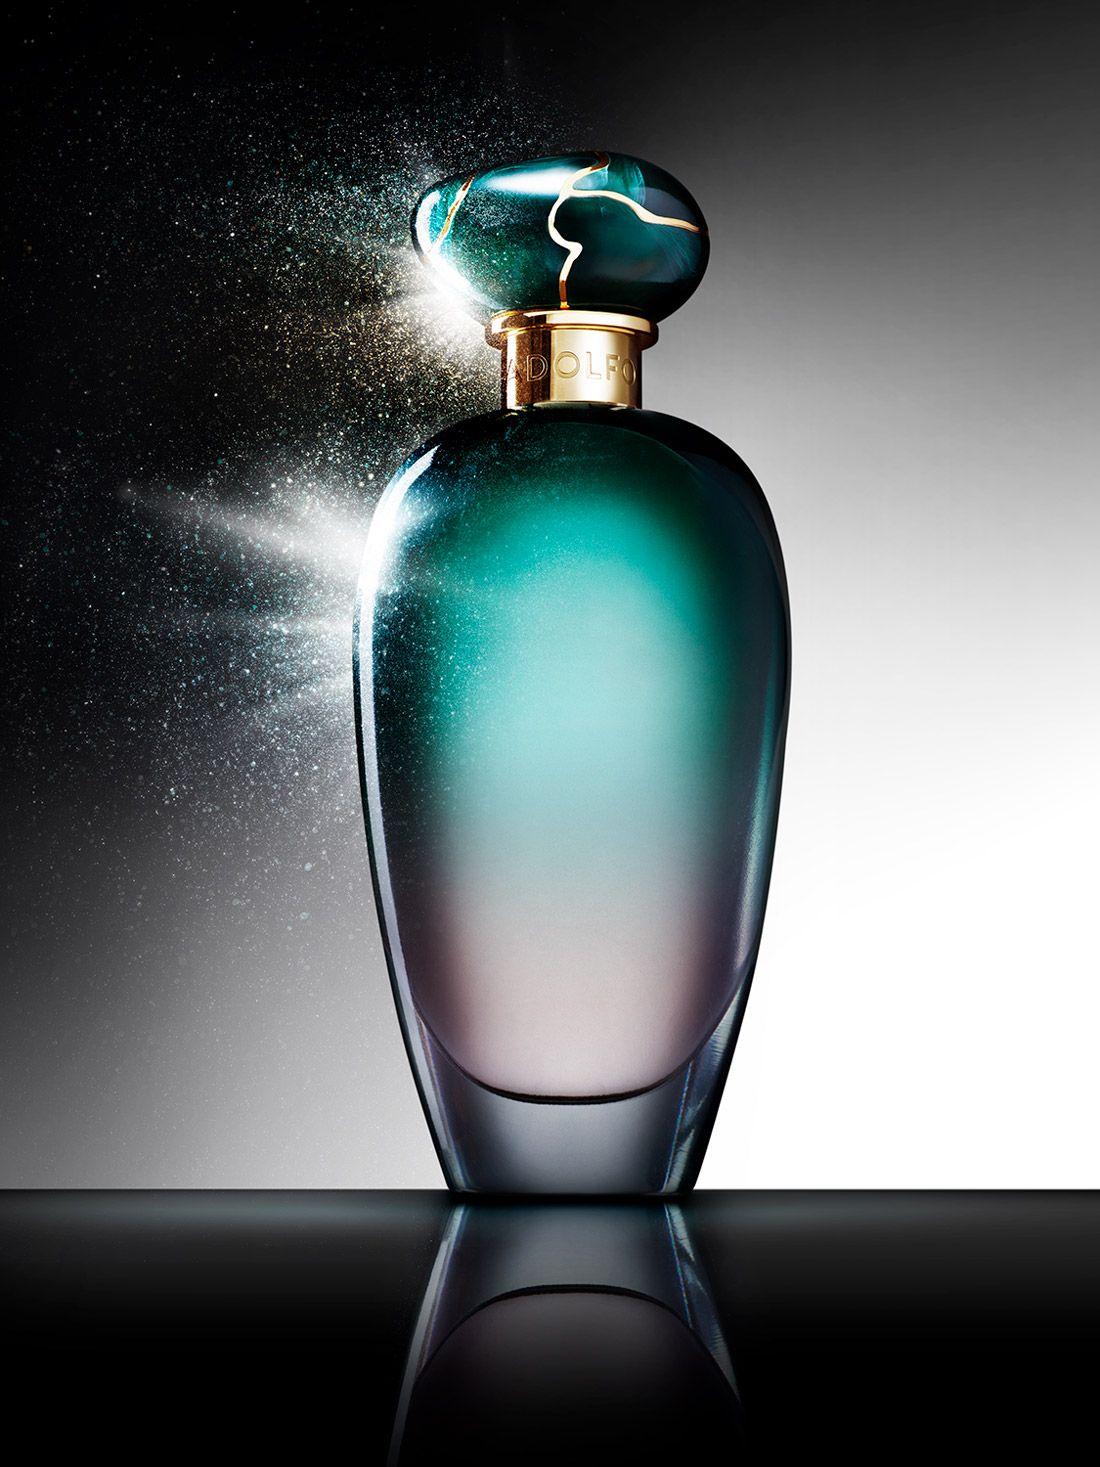 única Nuevo Perfume De Adolfo Domínguez Efe Blog Perfume Adolfo Dominguez Perfumeria